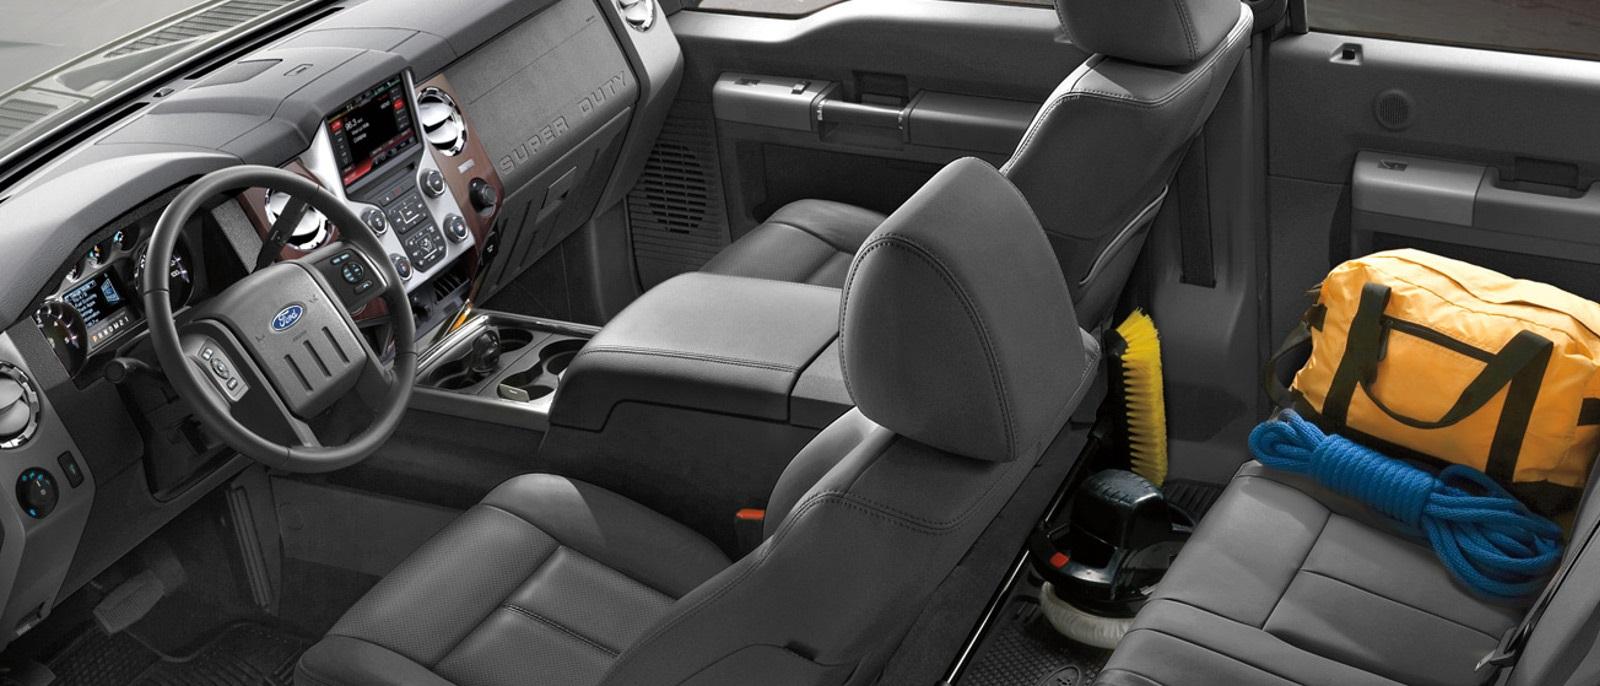 2015-Ford-Super-Duty-Trucks